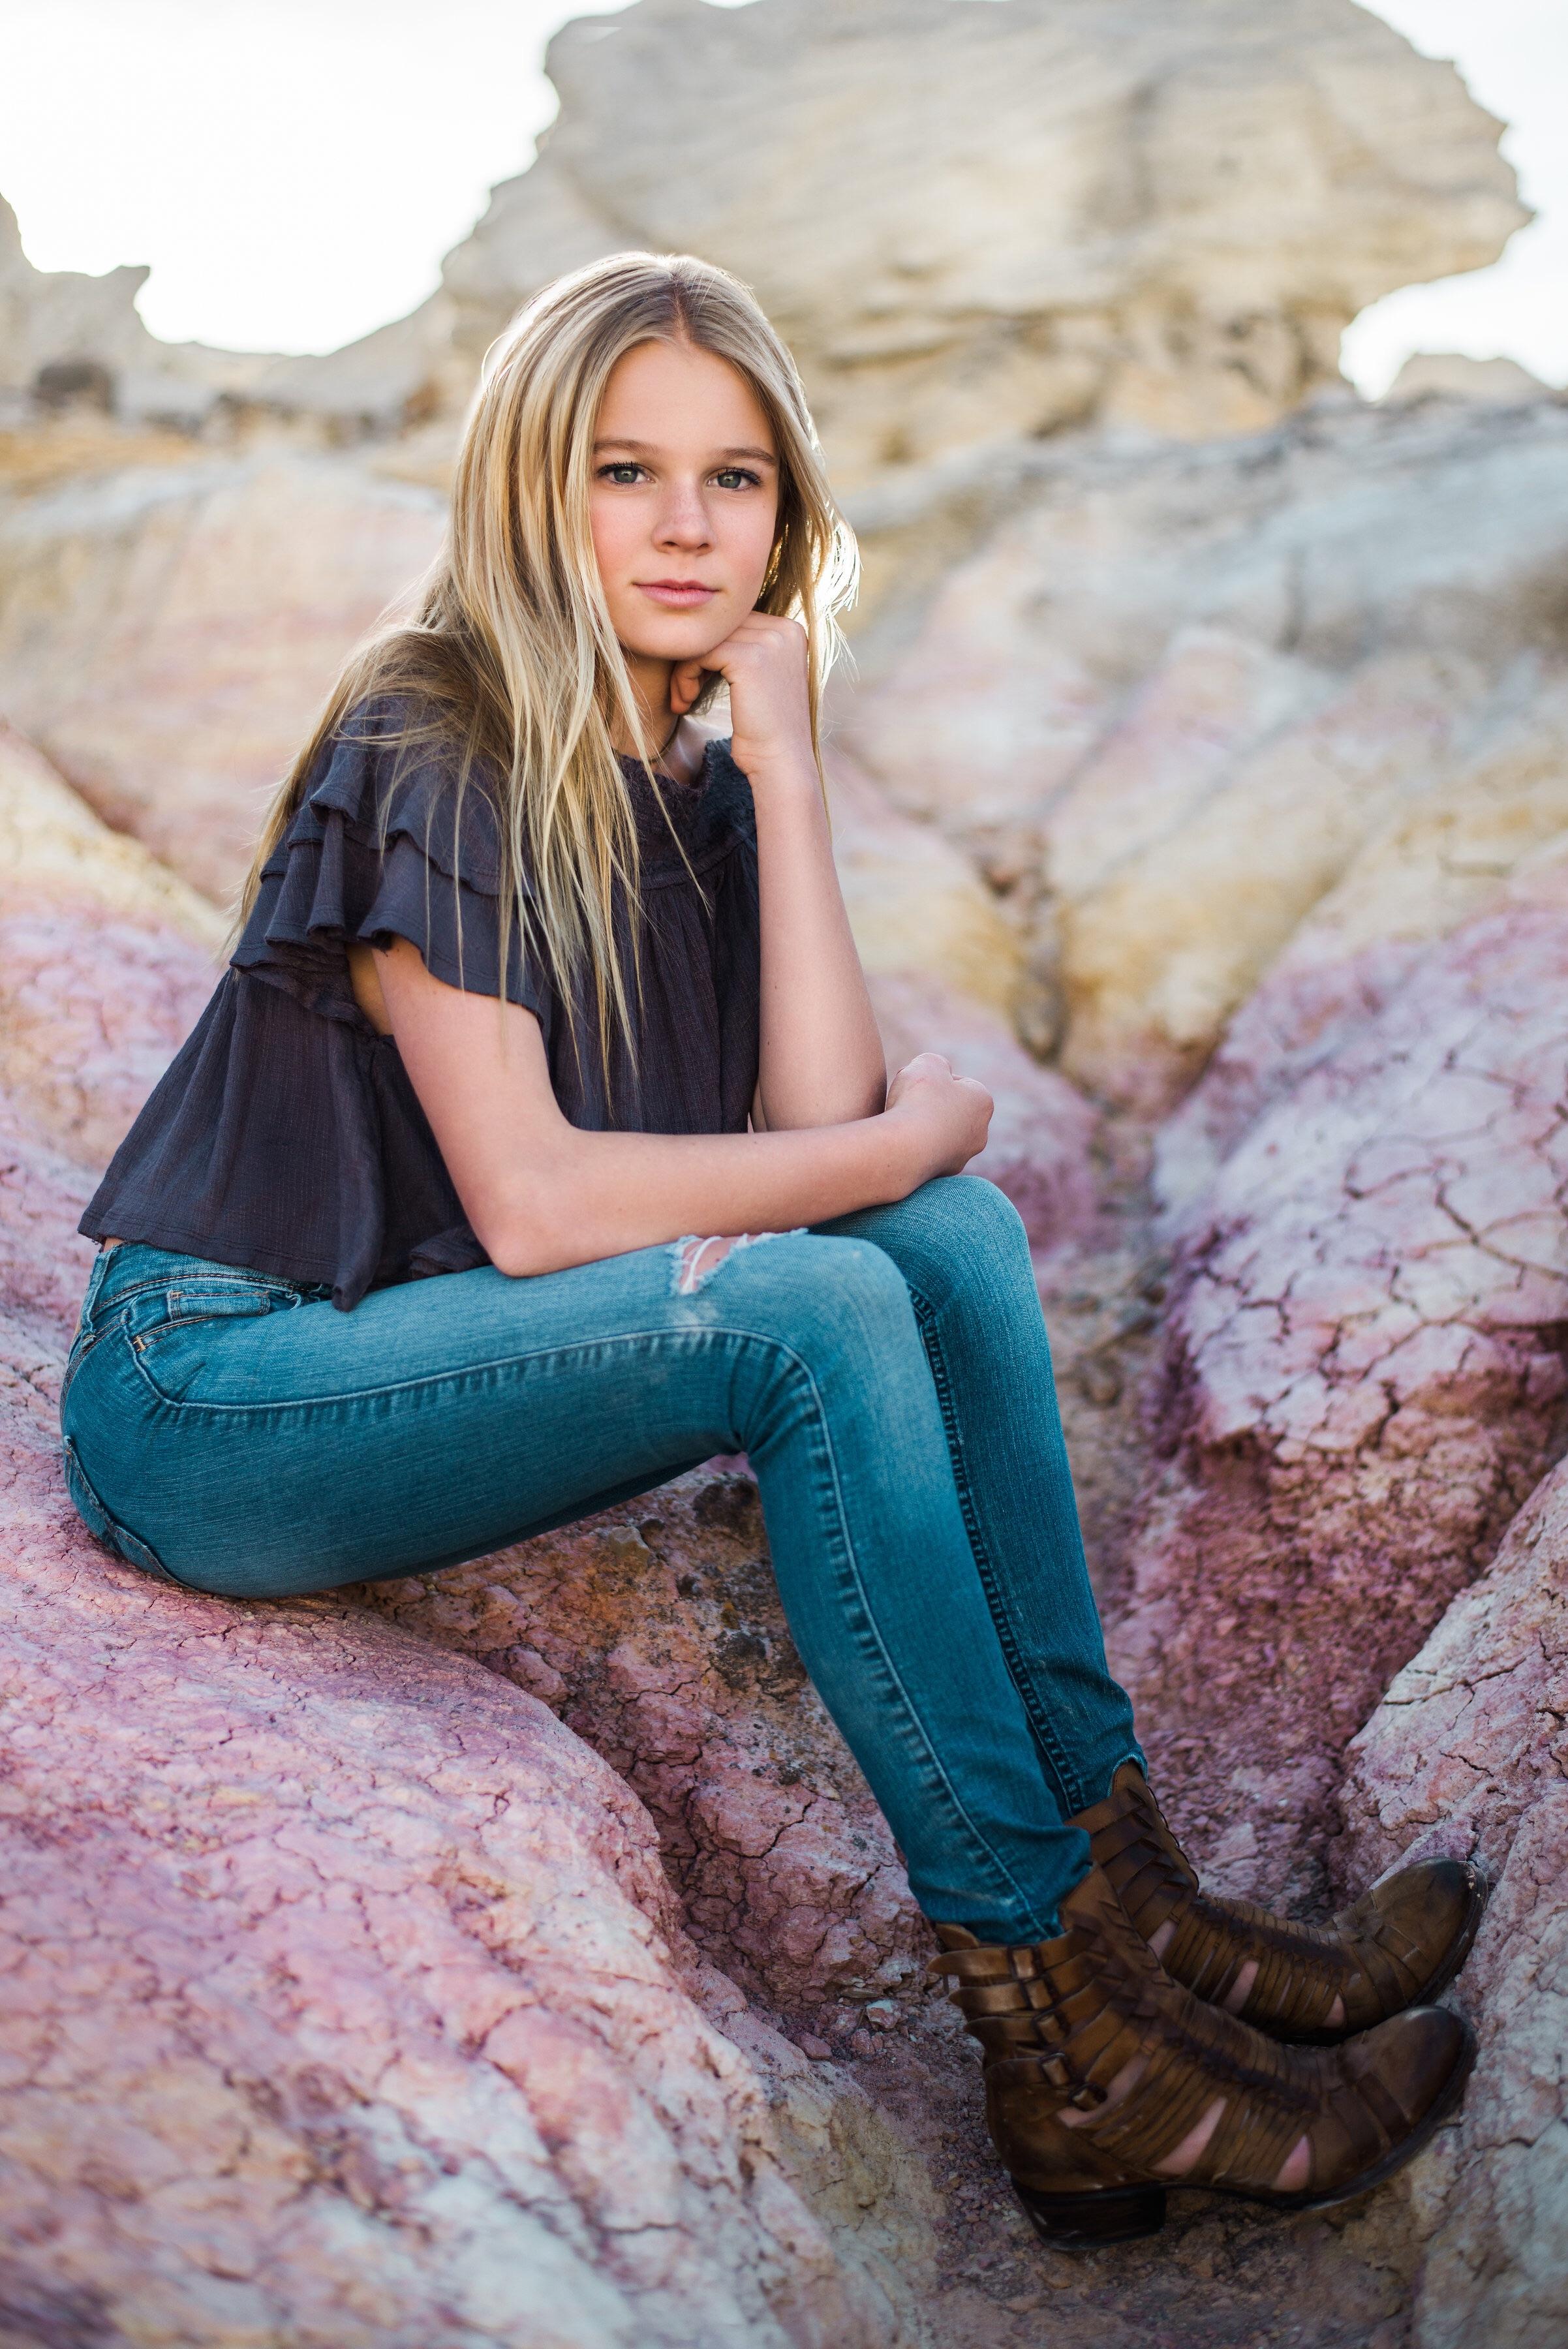 Wilhelmina Denver New Face Teen